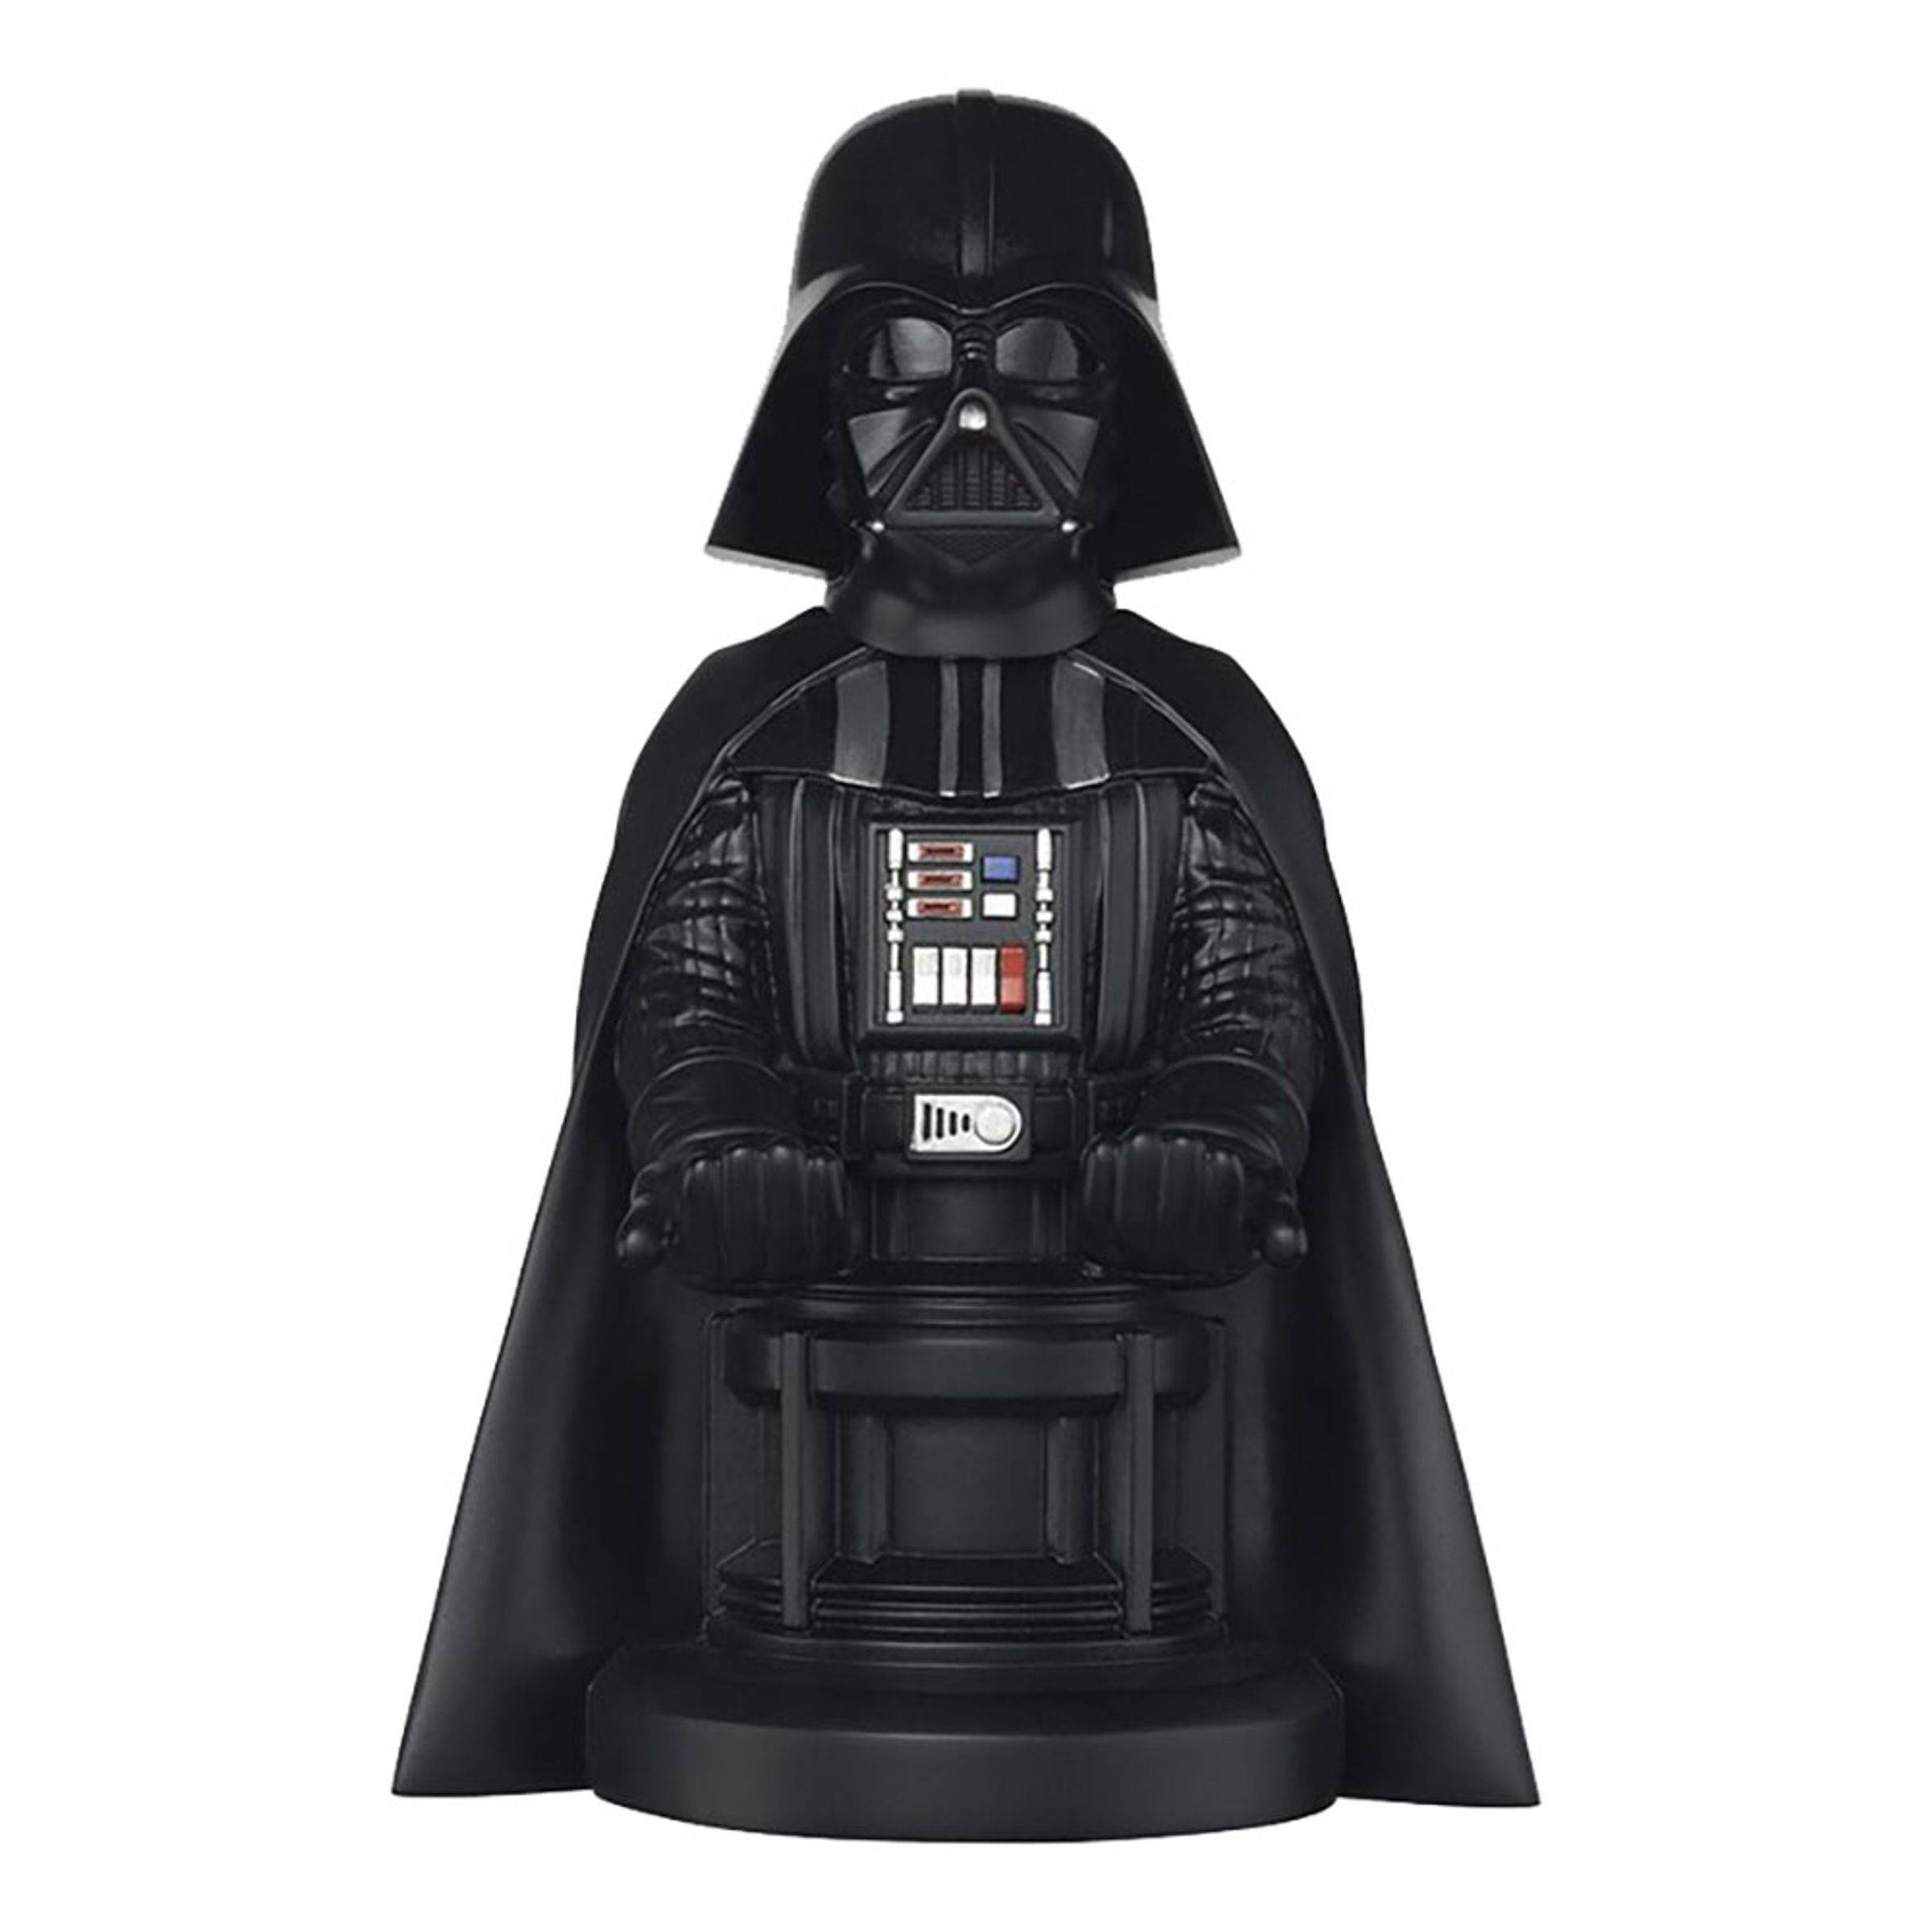 AMO Toys Darth Vader Mobilholder